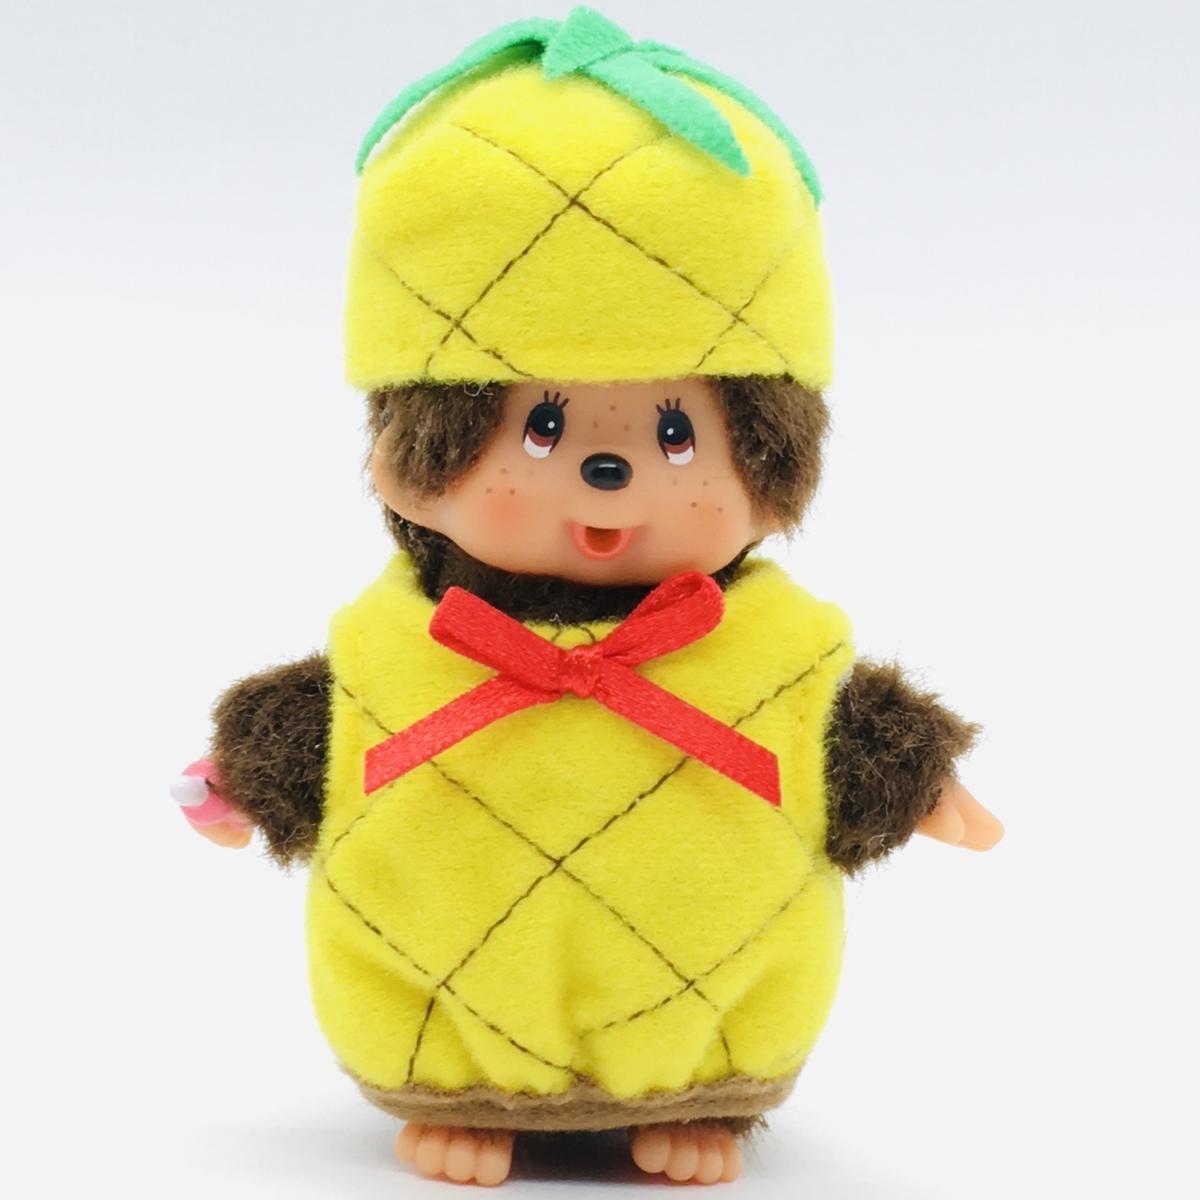 沖縄県限定のパイナップルモンチッチの衣装を試着してみたところ